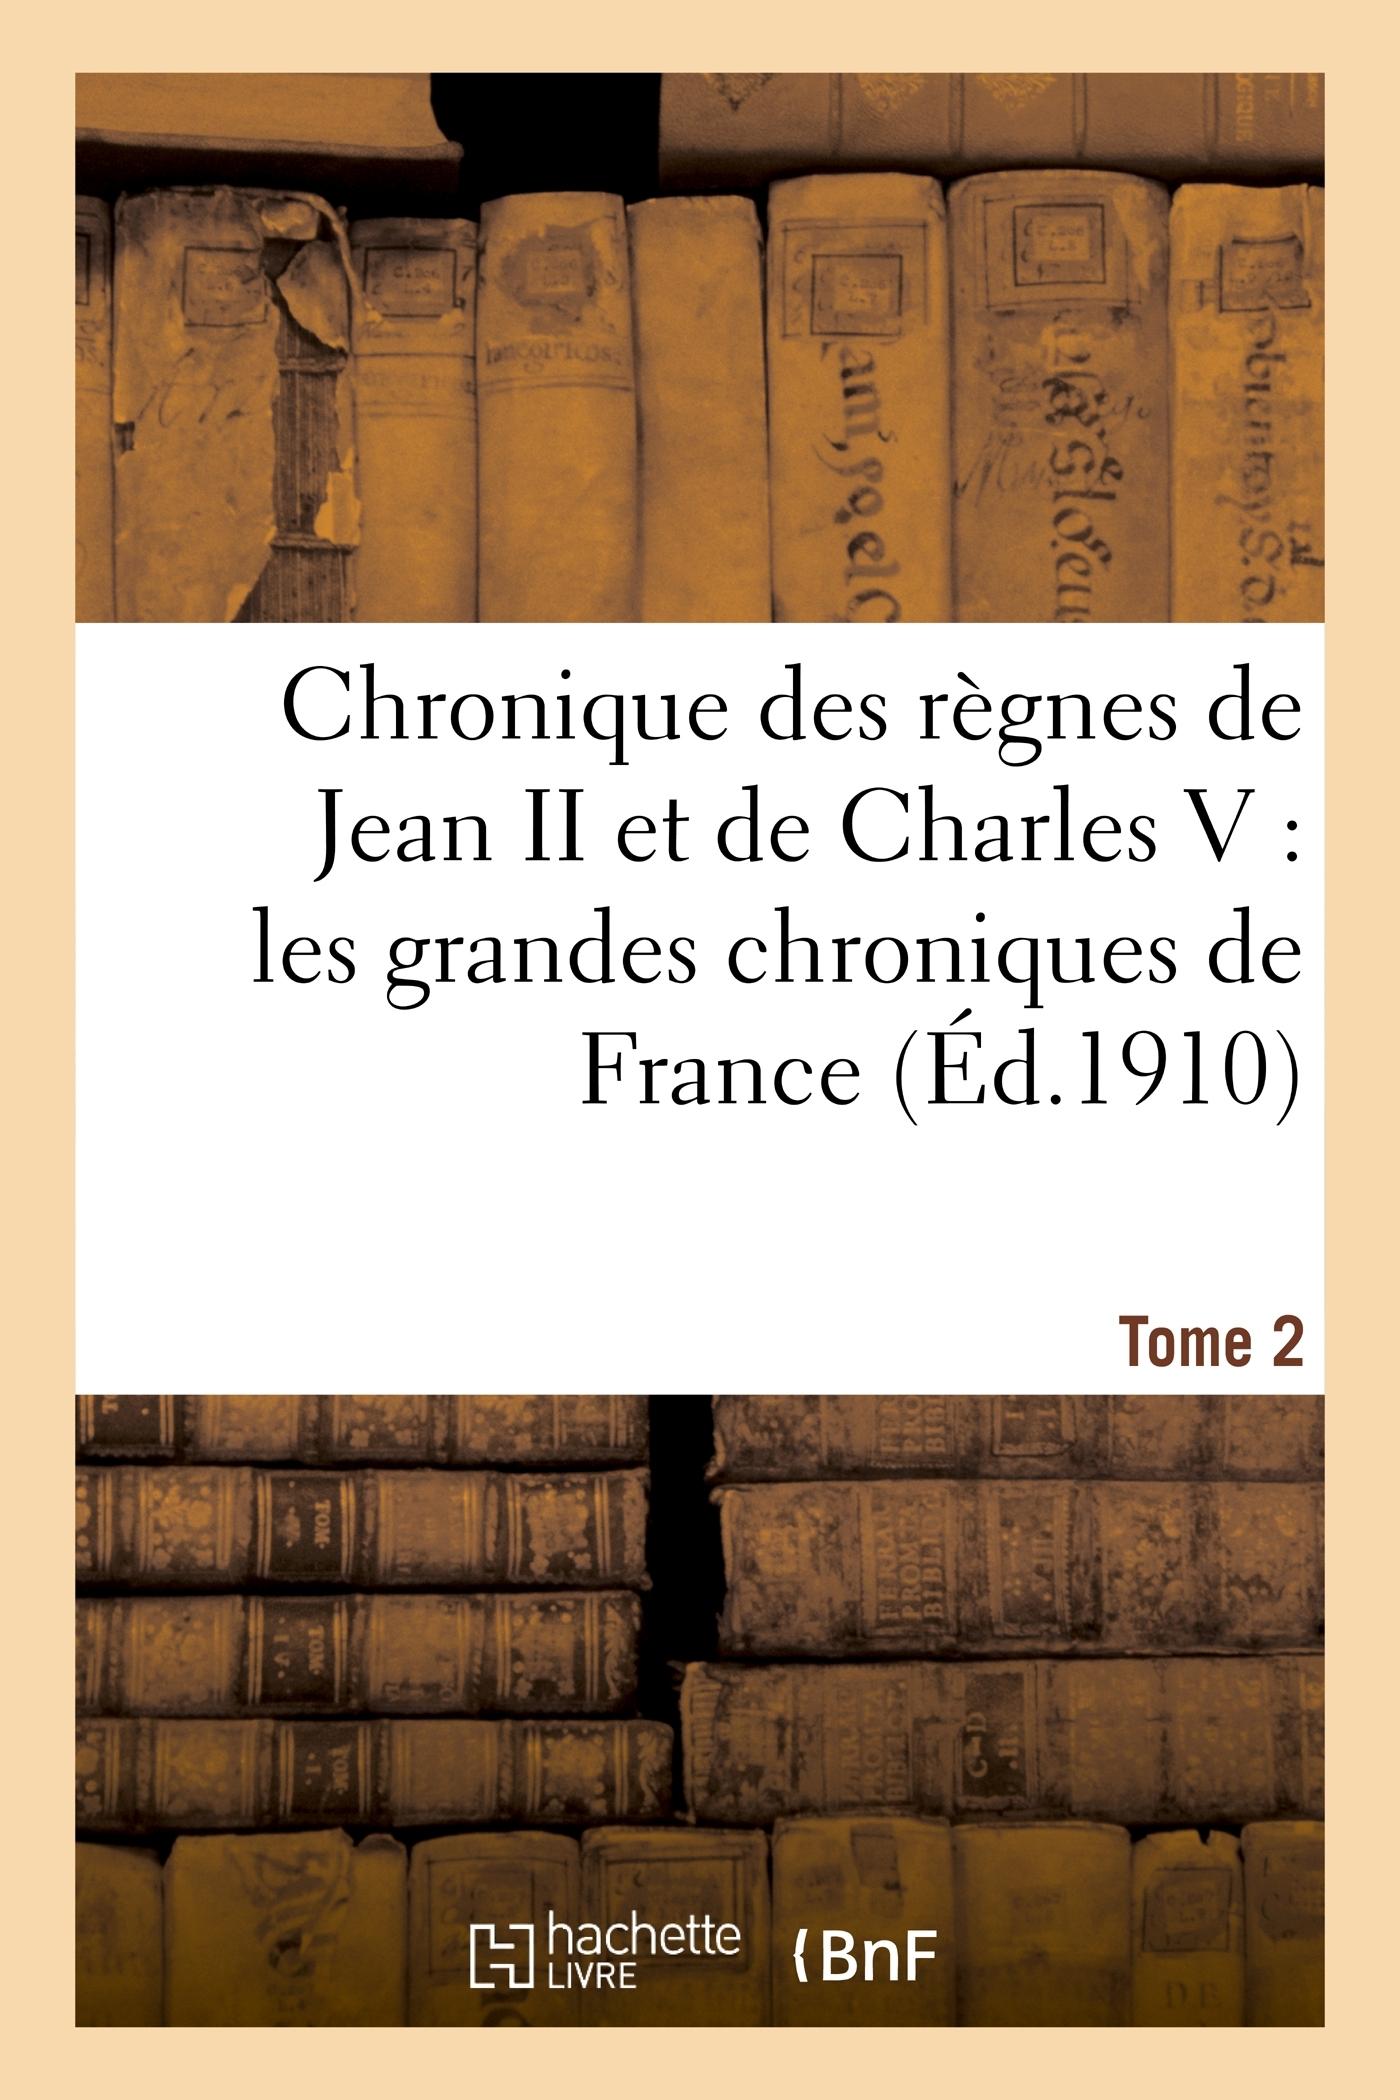 CHRONIQUE DES REGNES DE JEAN II ET DE CHARLES V : LES GRANDES CHRONIQUES DE FRANCE. TOME 2